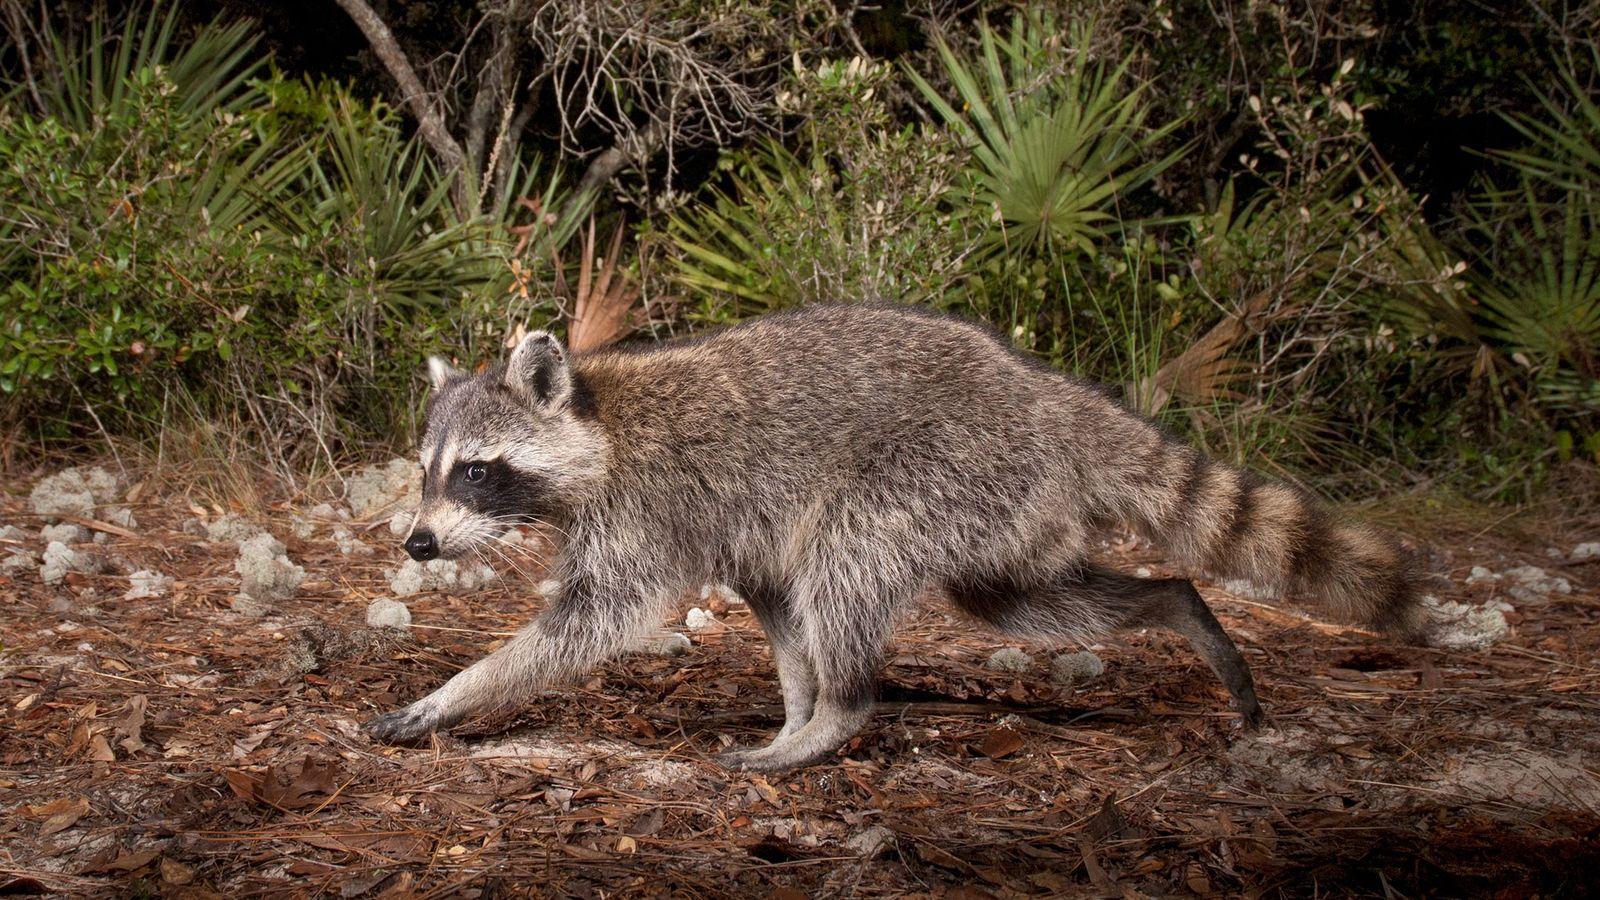 Guaxinins são mamíferos inteligentes e altamente adaptáveis que prosperam em ambientes humanos. Mas isso pode colocar ...